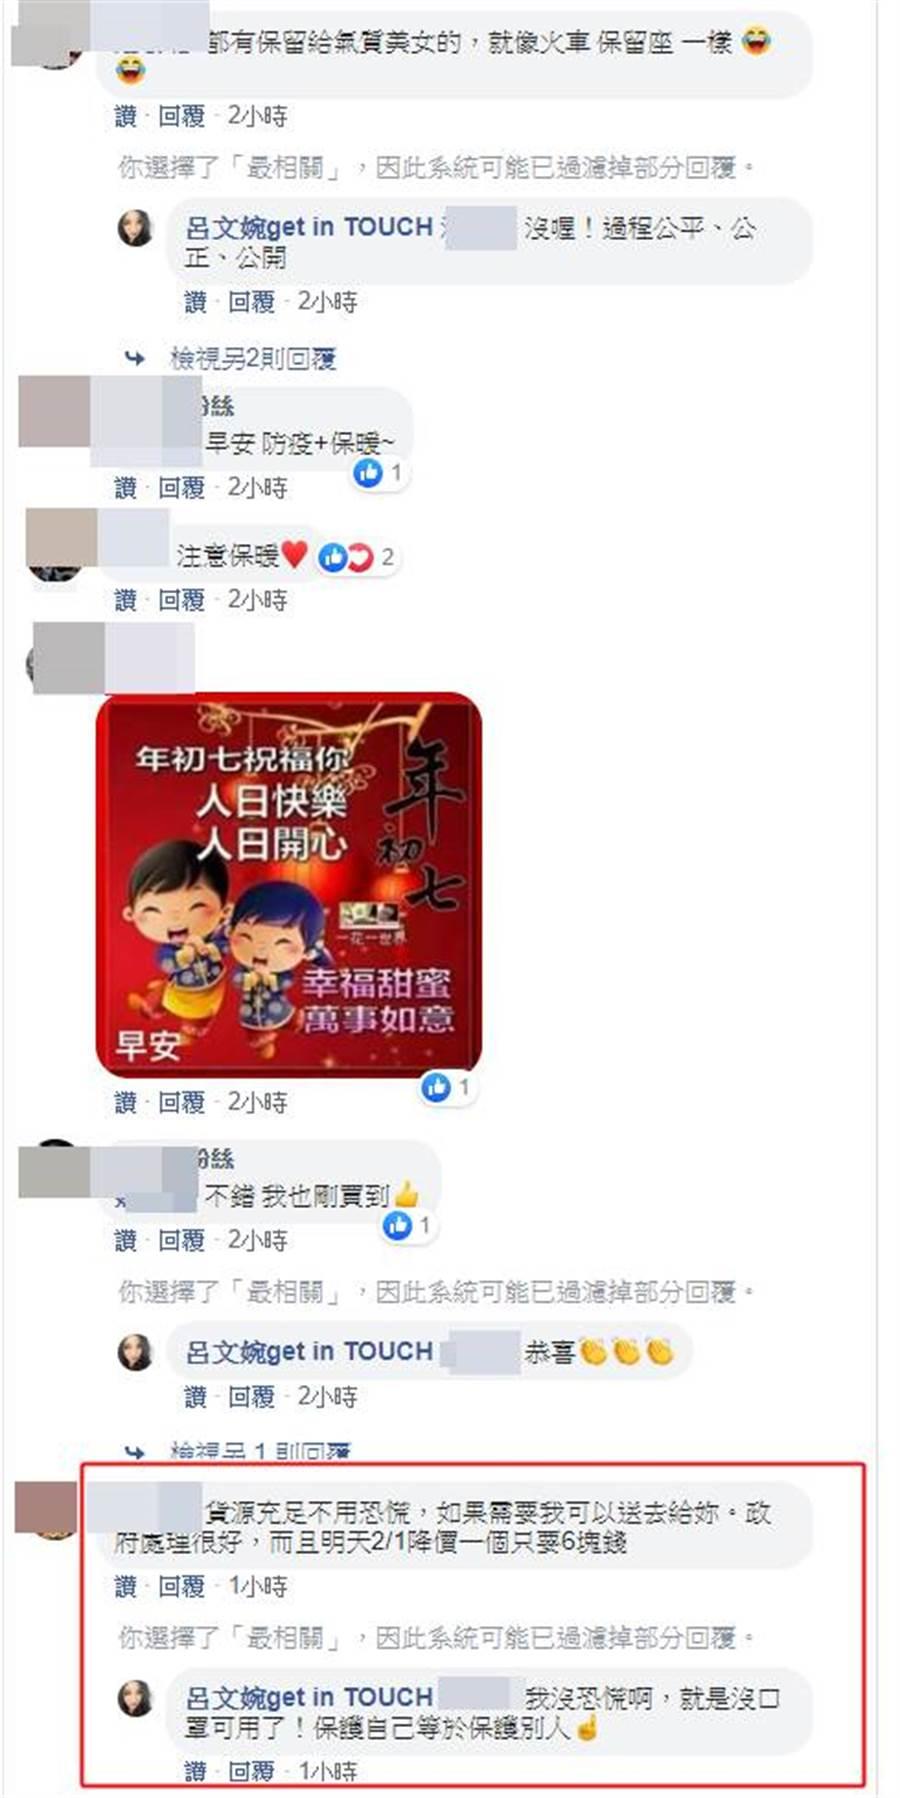 呂文婉回應網友。(圖/取材自呂文婉get in TOUCH臉書)